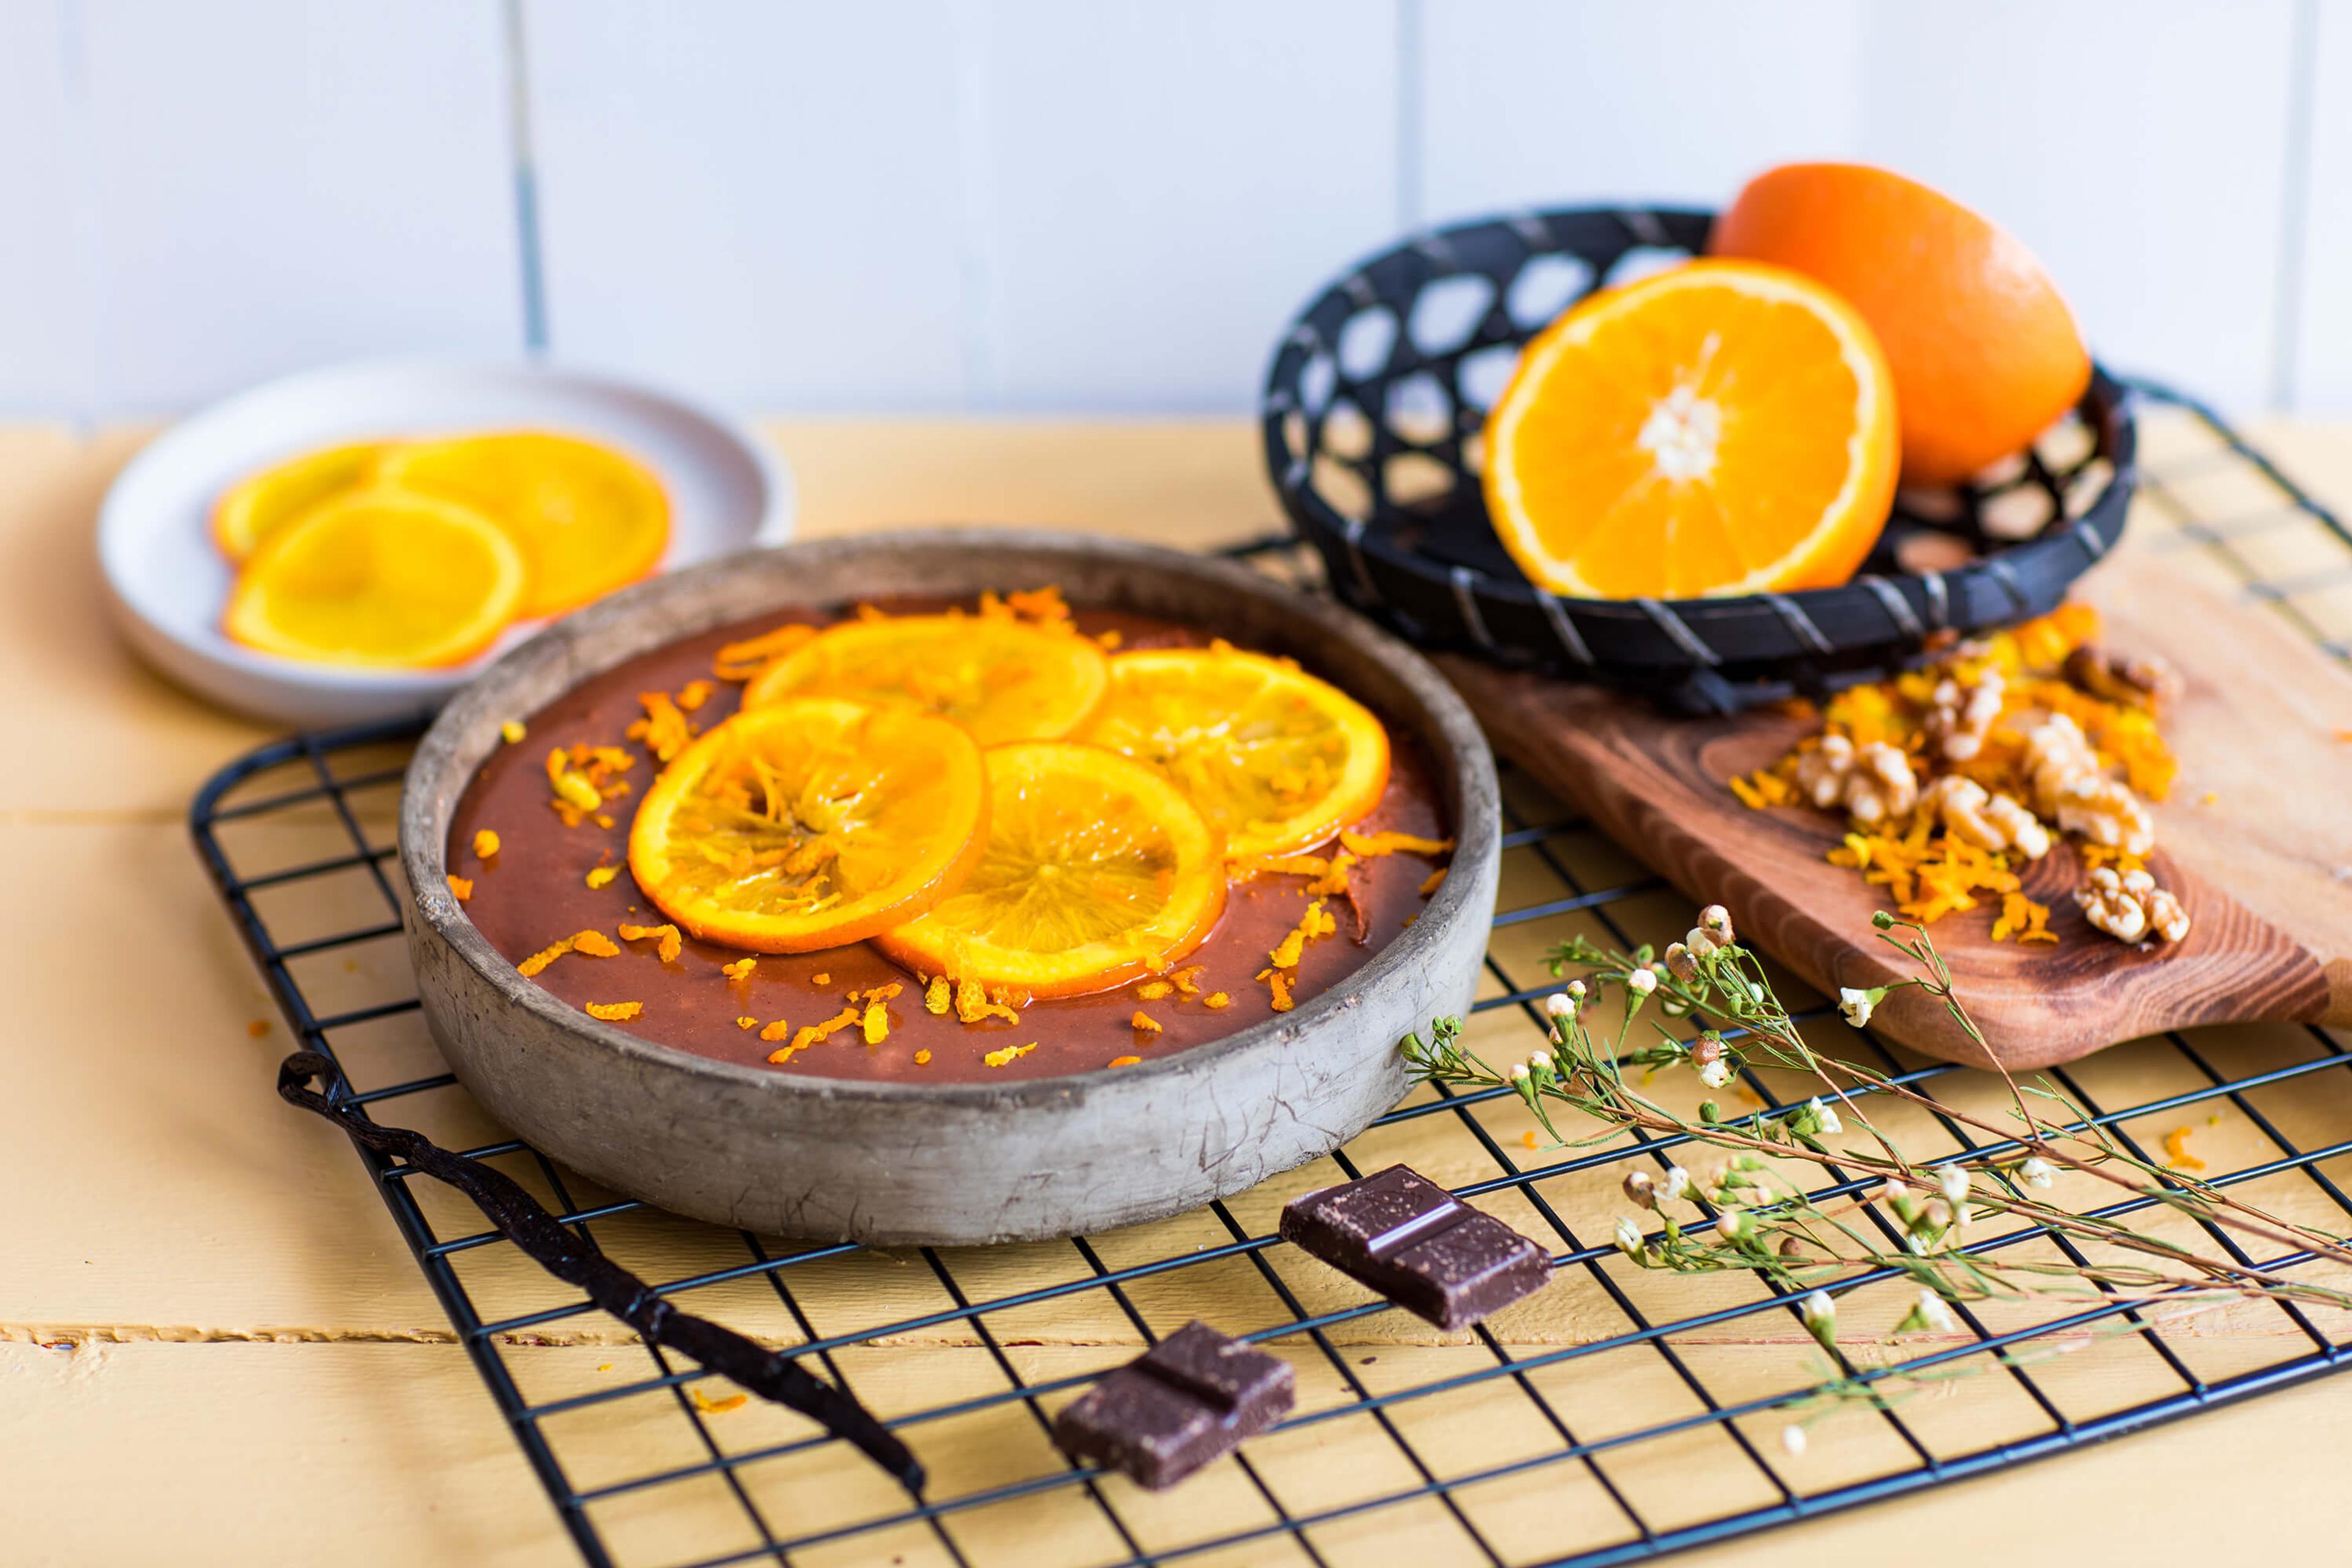 Stekefri sjokoladekake med nøtter og appelsin